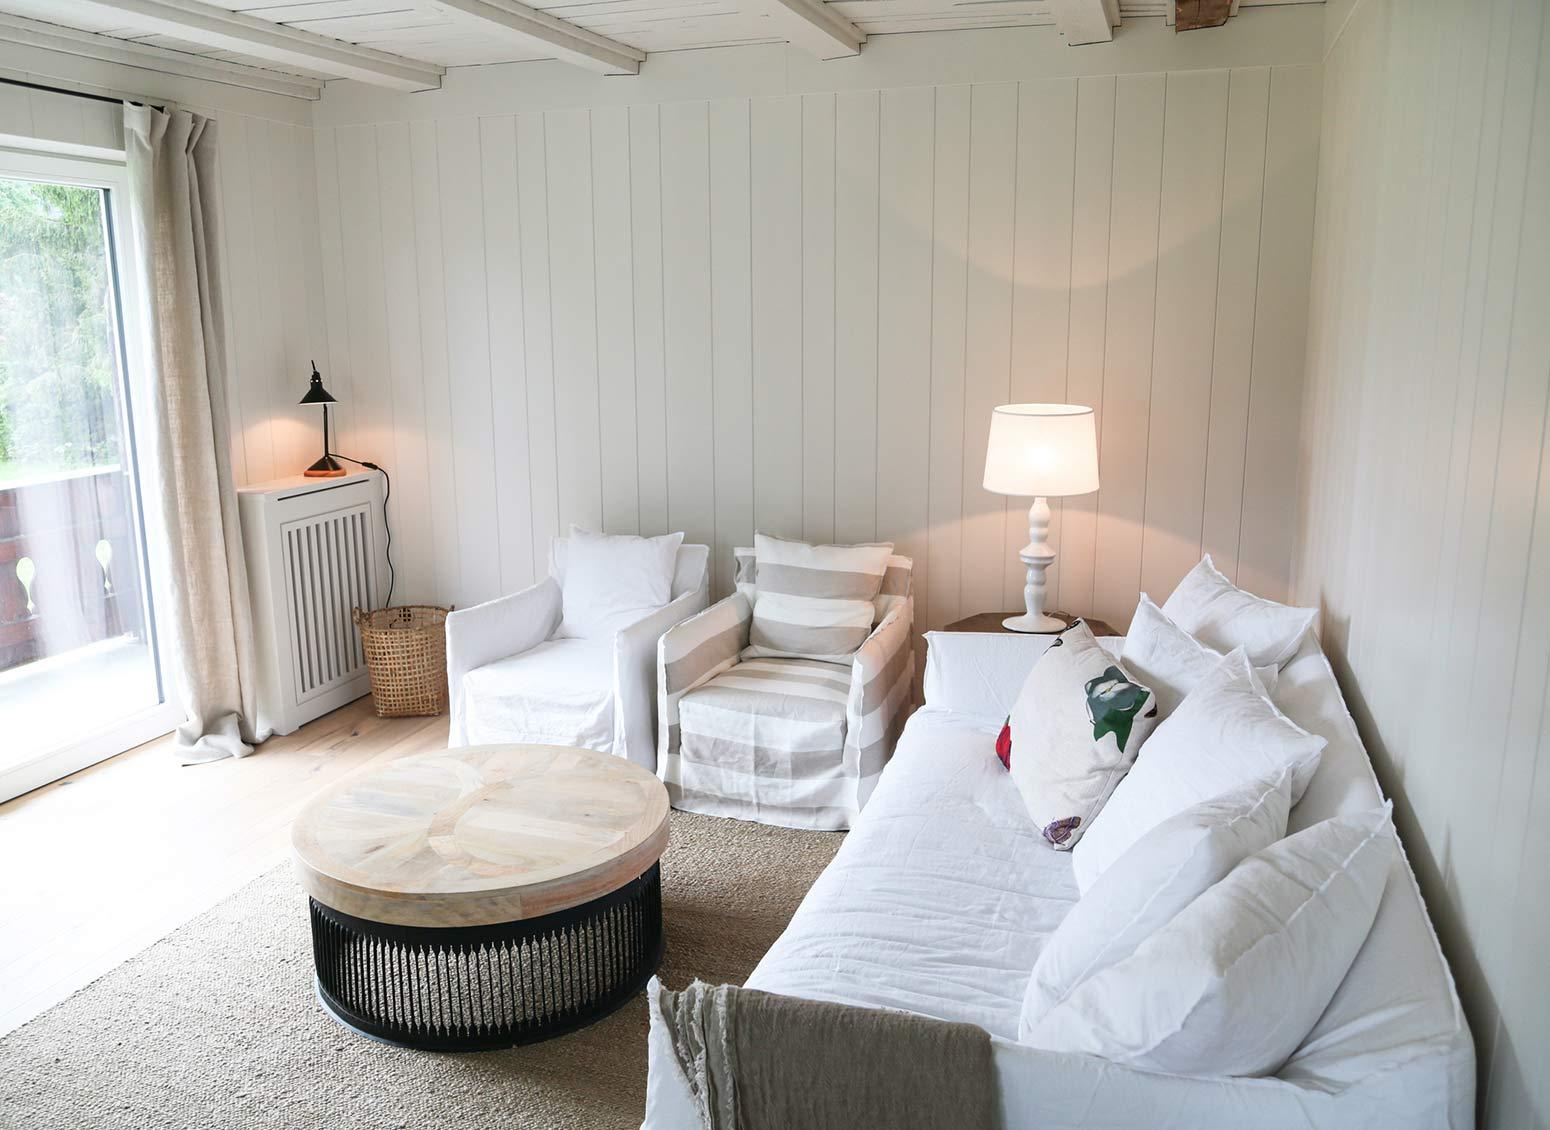 5 lampade perfette per l'illuminazione del soggiorno